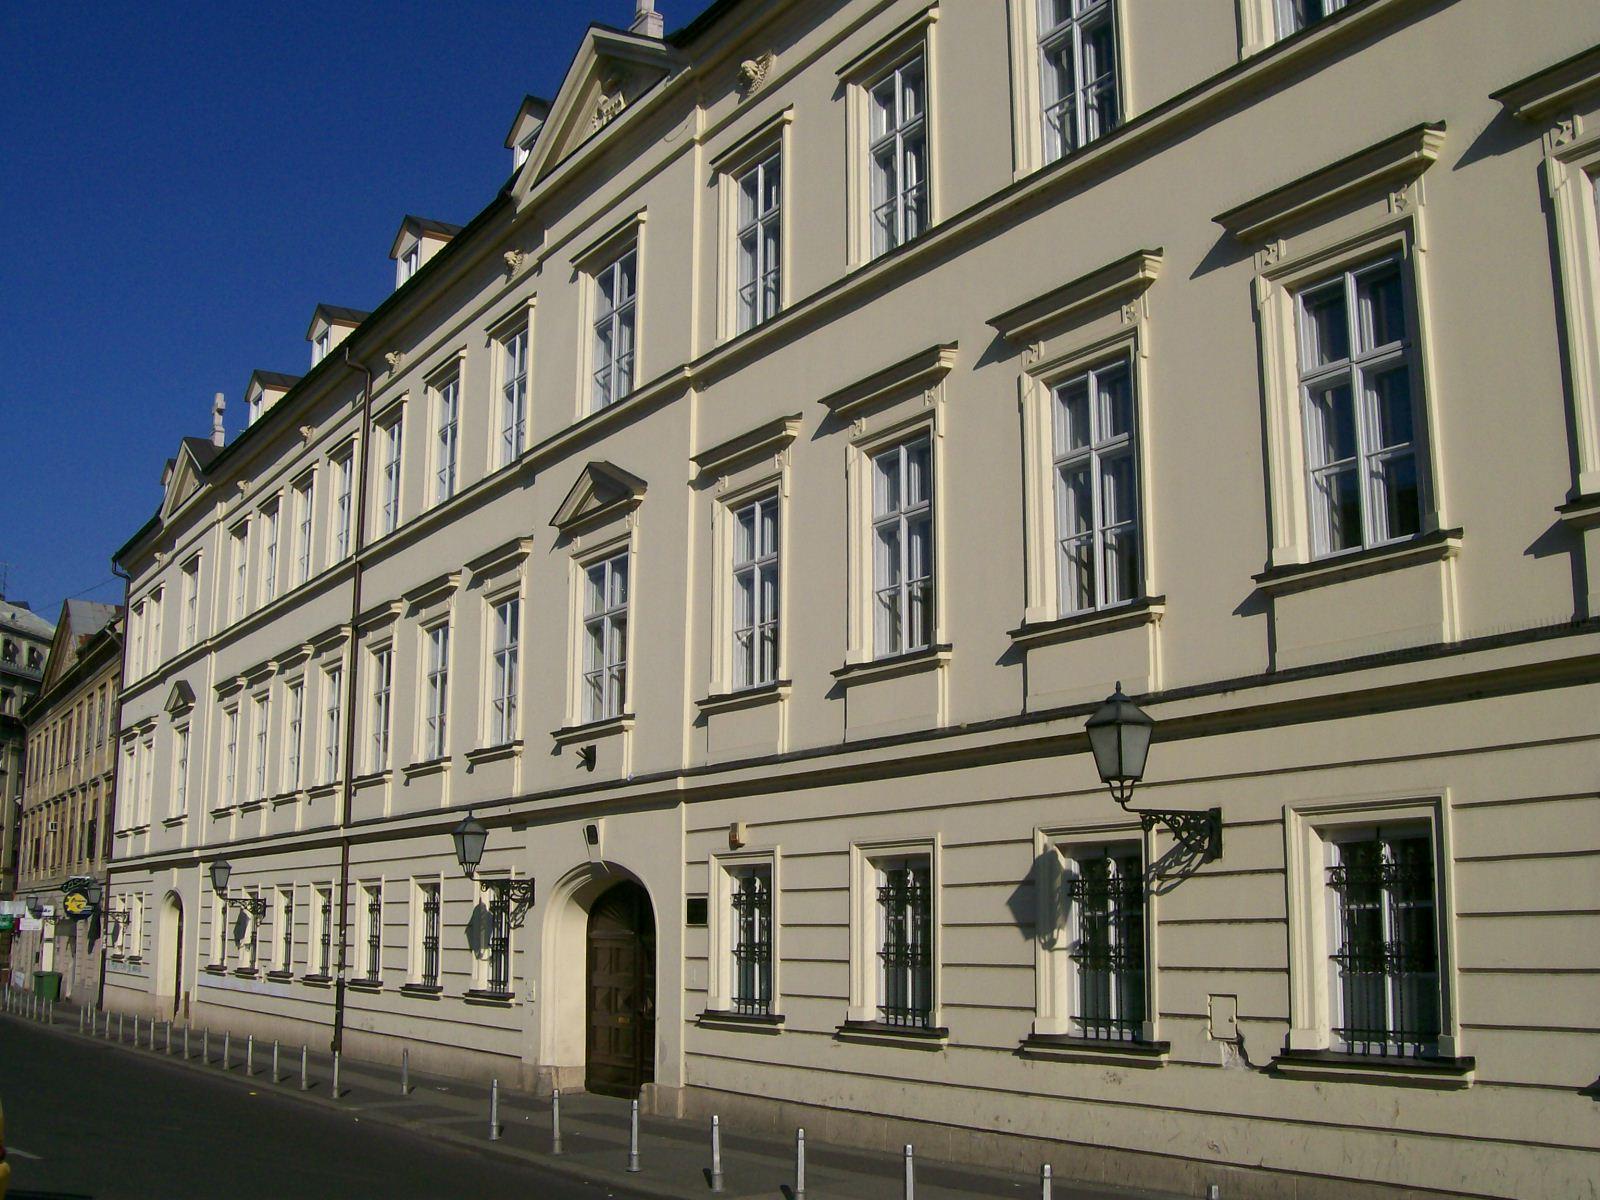 Katolički bogoslovni fakultet u Zagrebu (Izvor: commons.wikimedia.org)